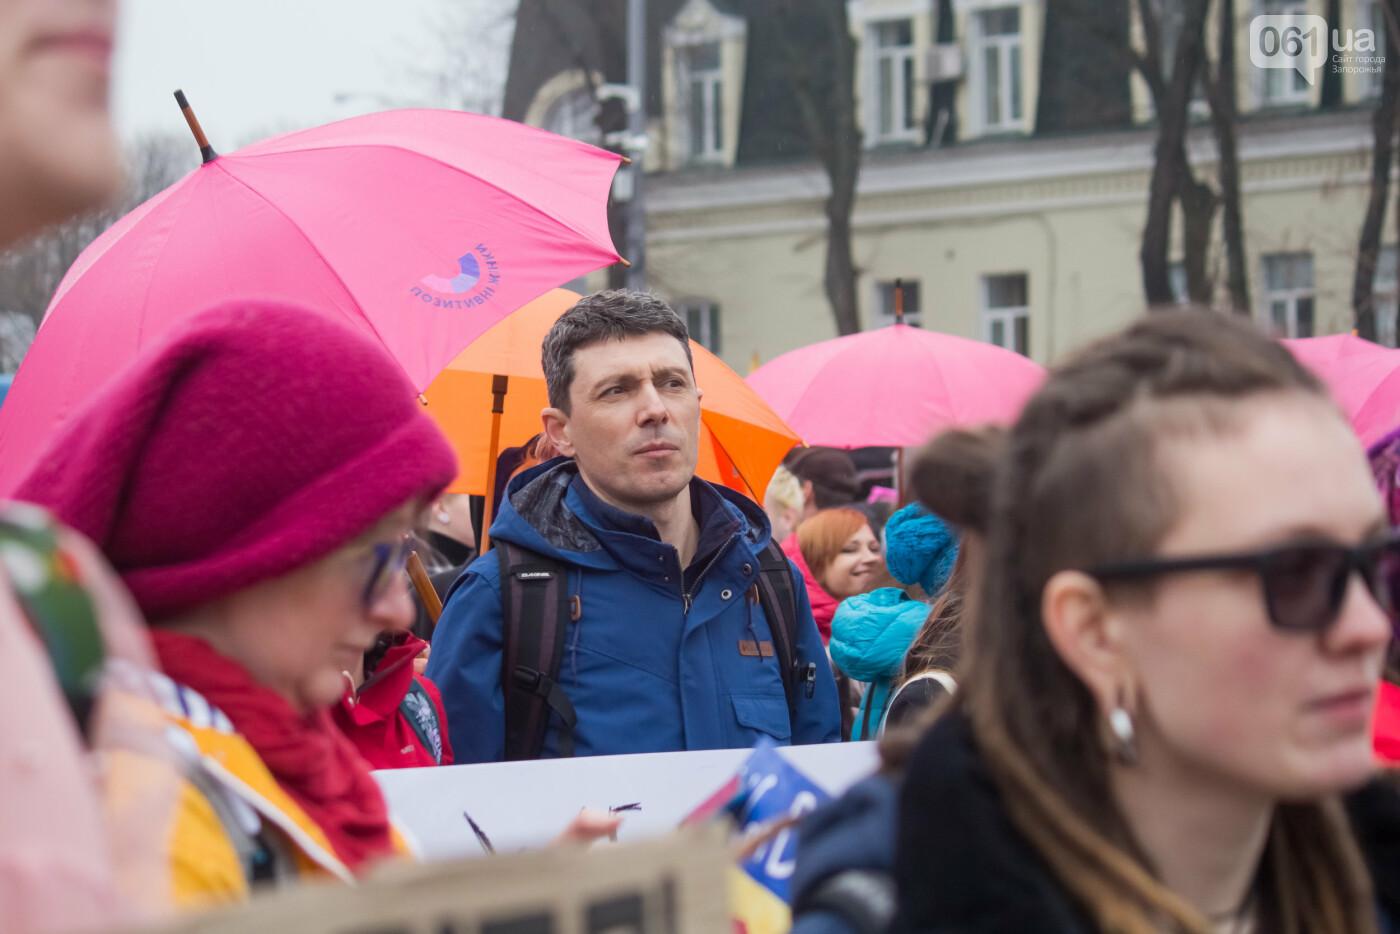 5 историй запорожцев, которые вышли на Марш женщин в Киеве: почему для них это важно, - ФОТОРЕПОРТАЖ, фото-2